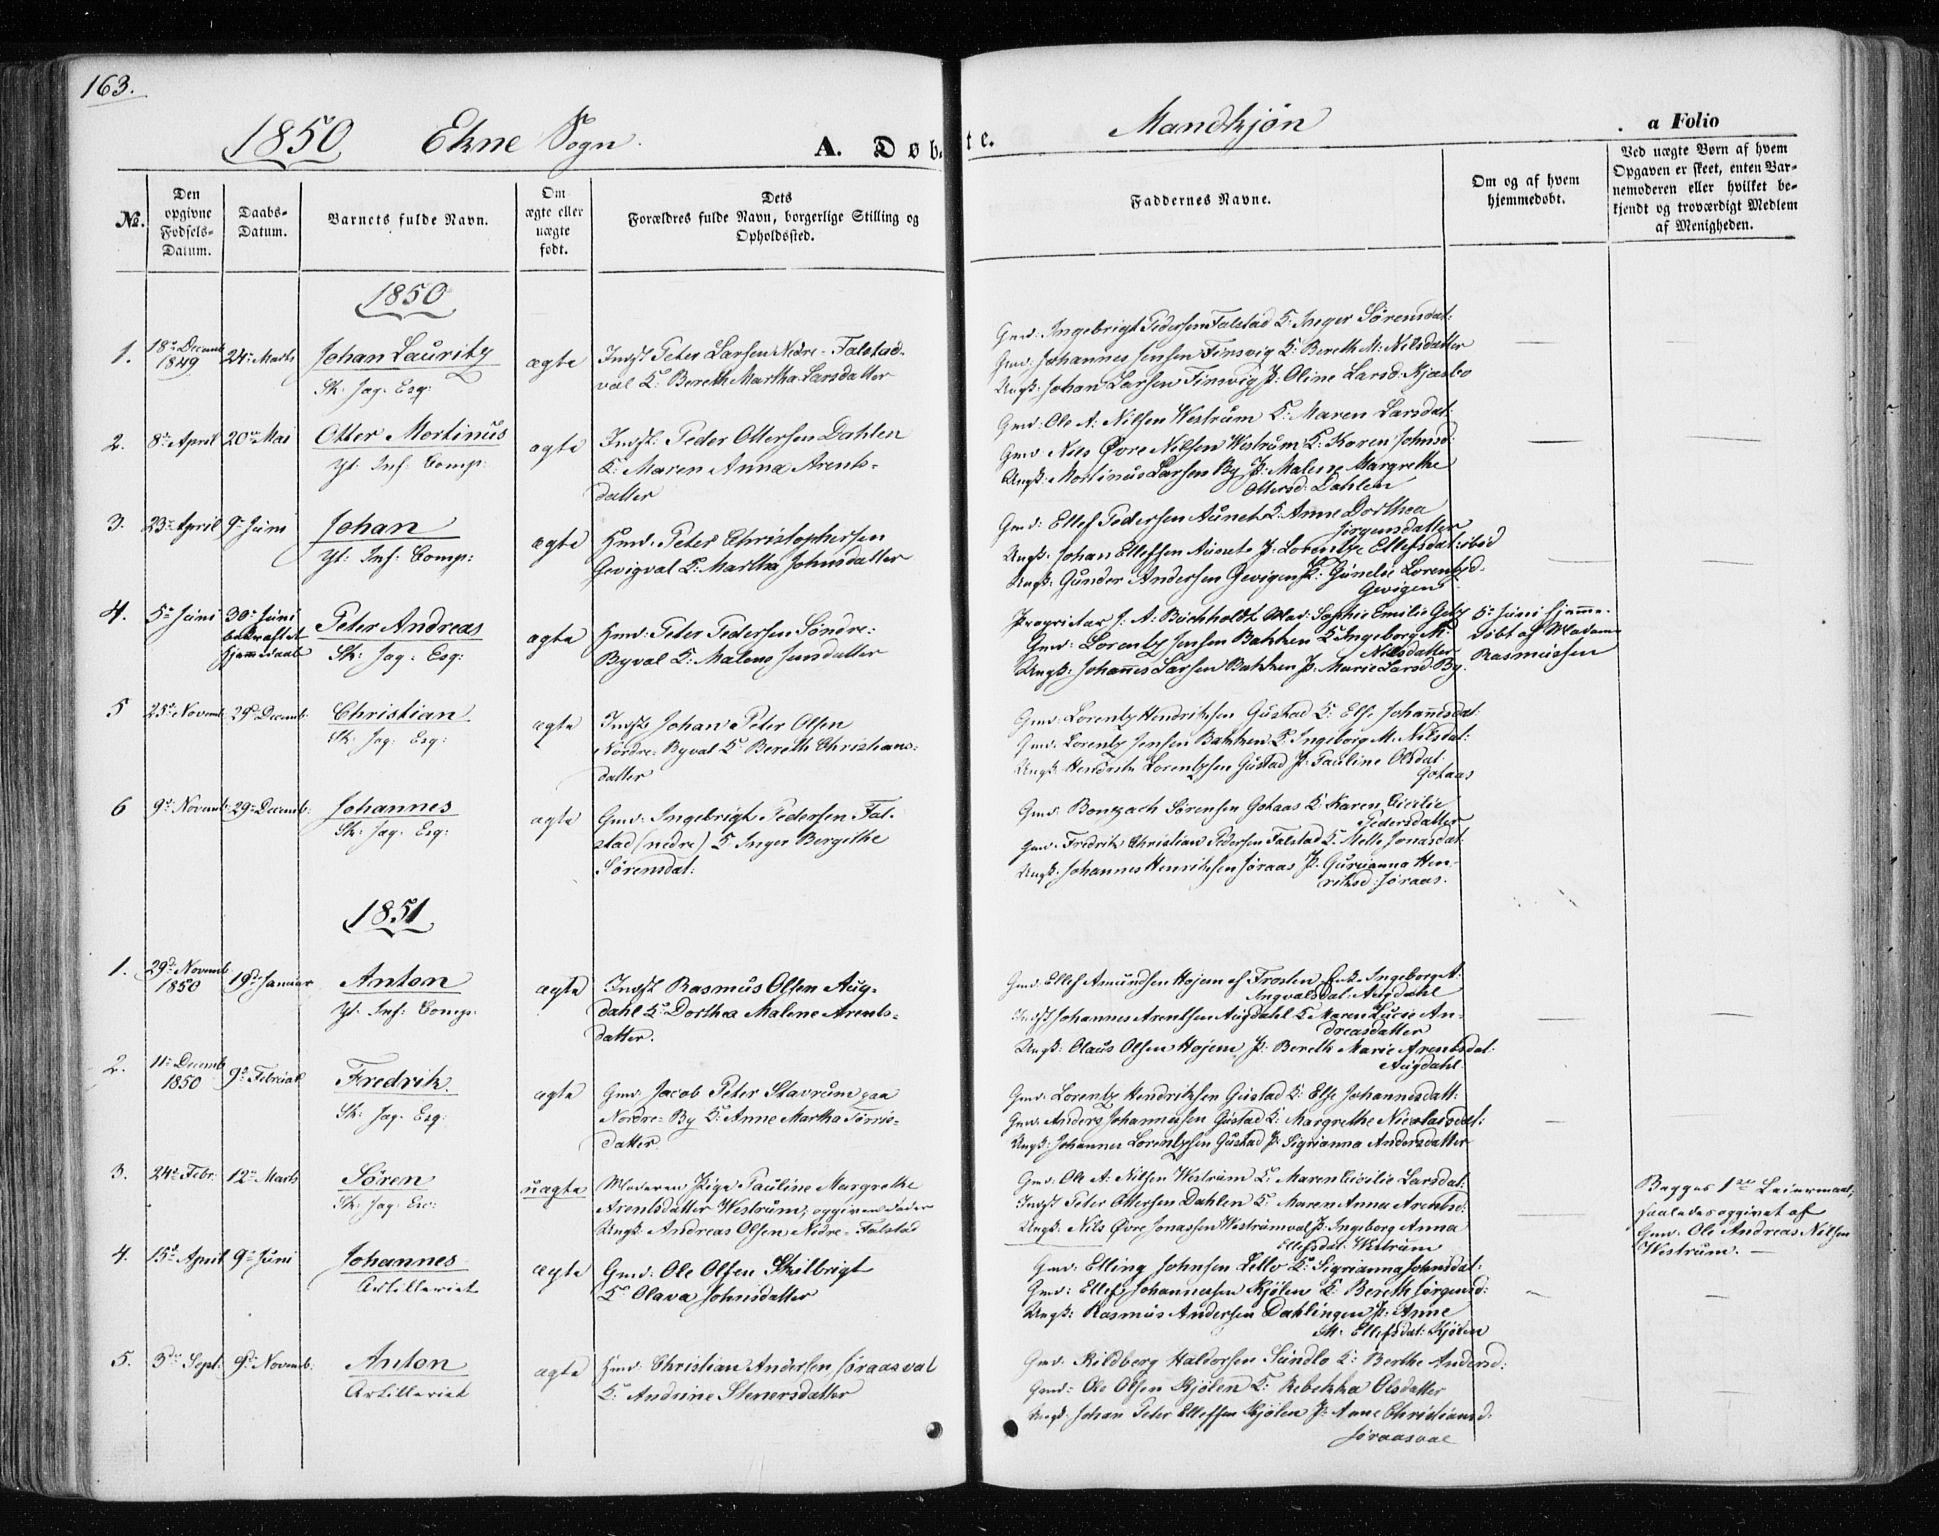 SAT, Ministerialprotokoller, klokkerbøker og fødselsregistre - Nord-Trøndelag, 717/L0154: Ministerialbok nr. 717A07 /3, 1850-1862, s. 163